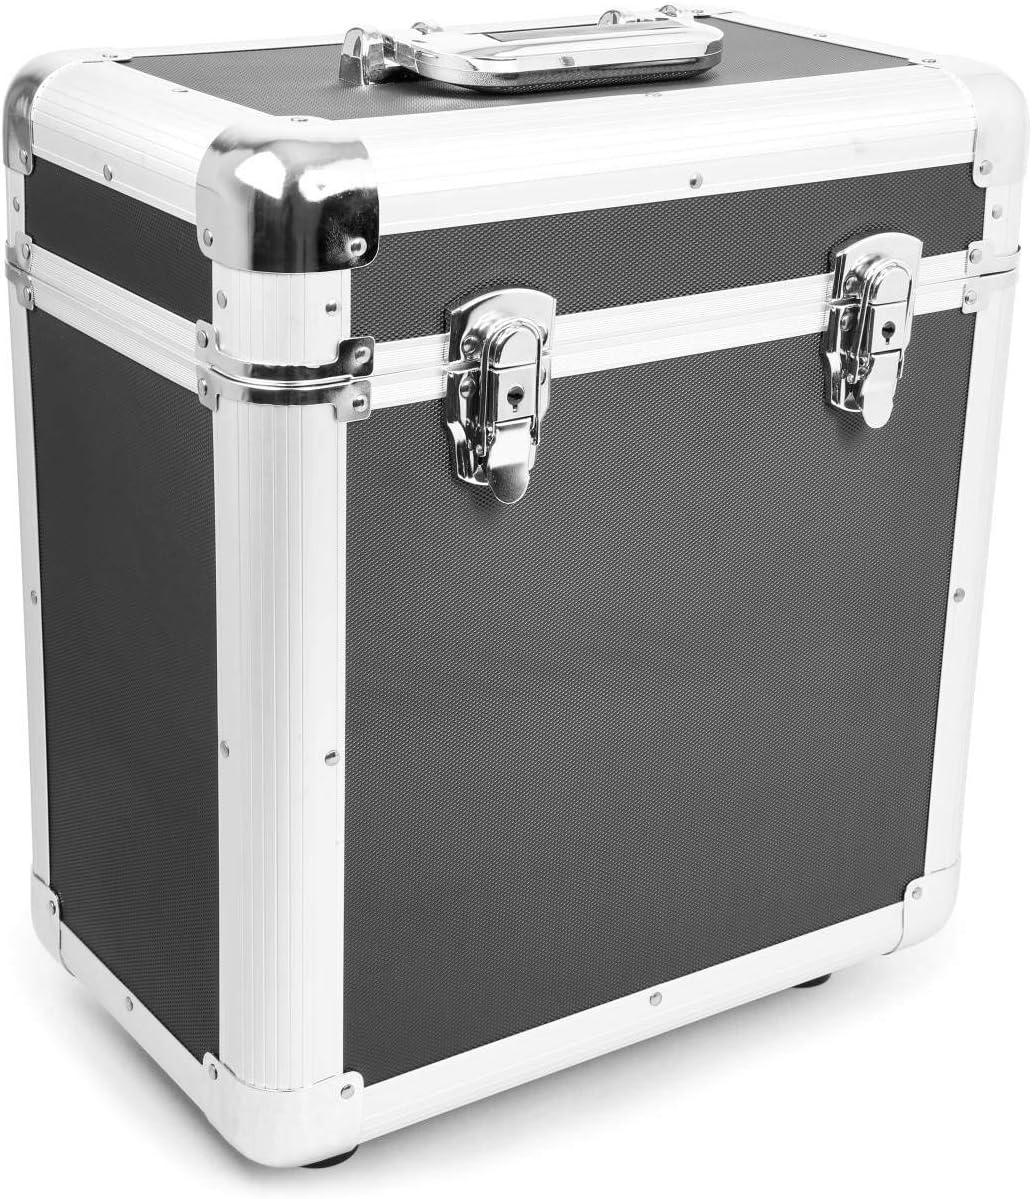 Power Dynamics RC80 Maleta para discos de vinilo (rack portátil para 80 discos LPs de 12